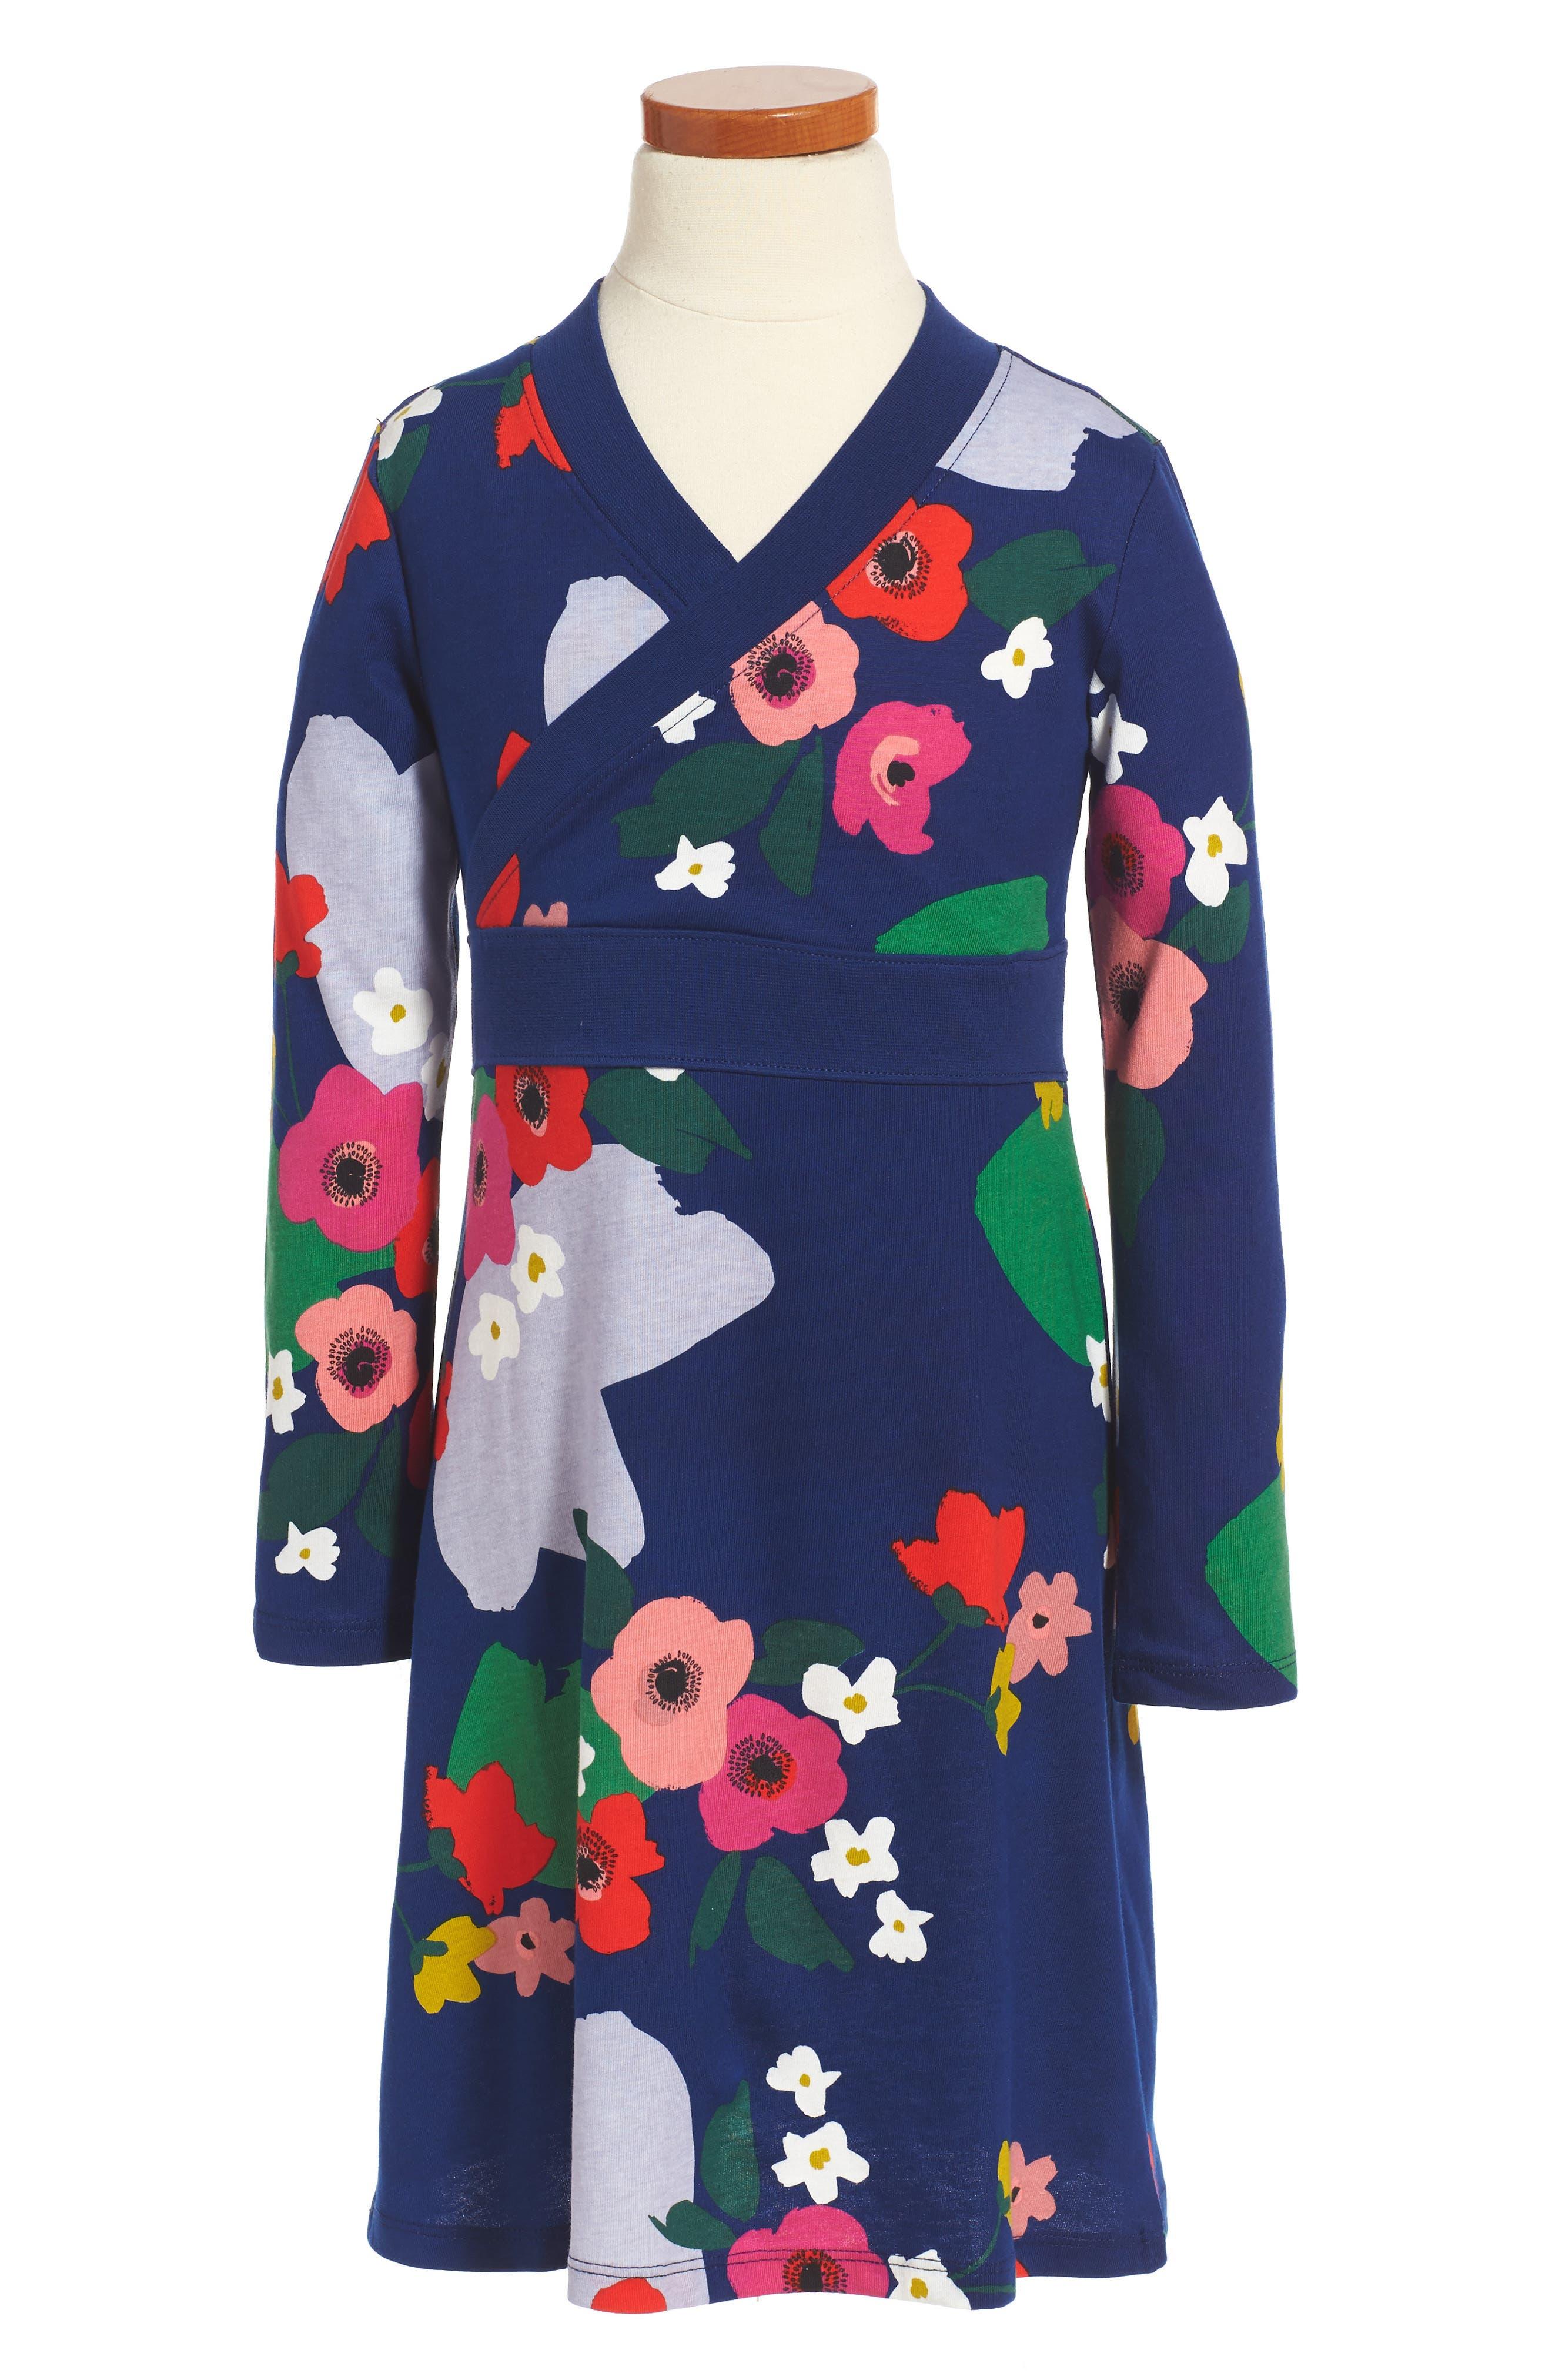 TEA COLLECTION Scotland Garden Wrap Neck Dress